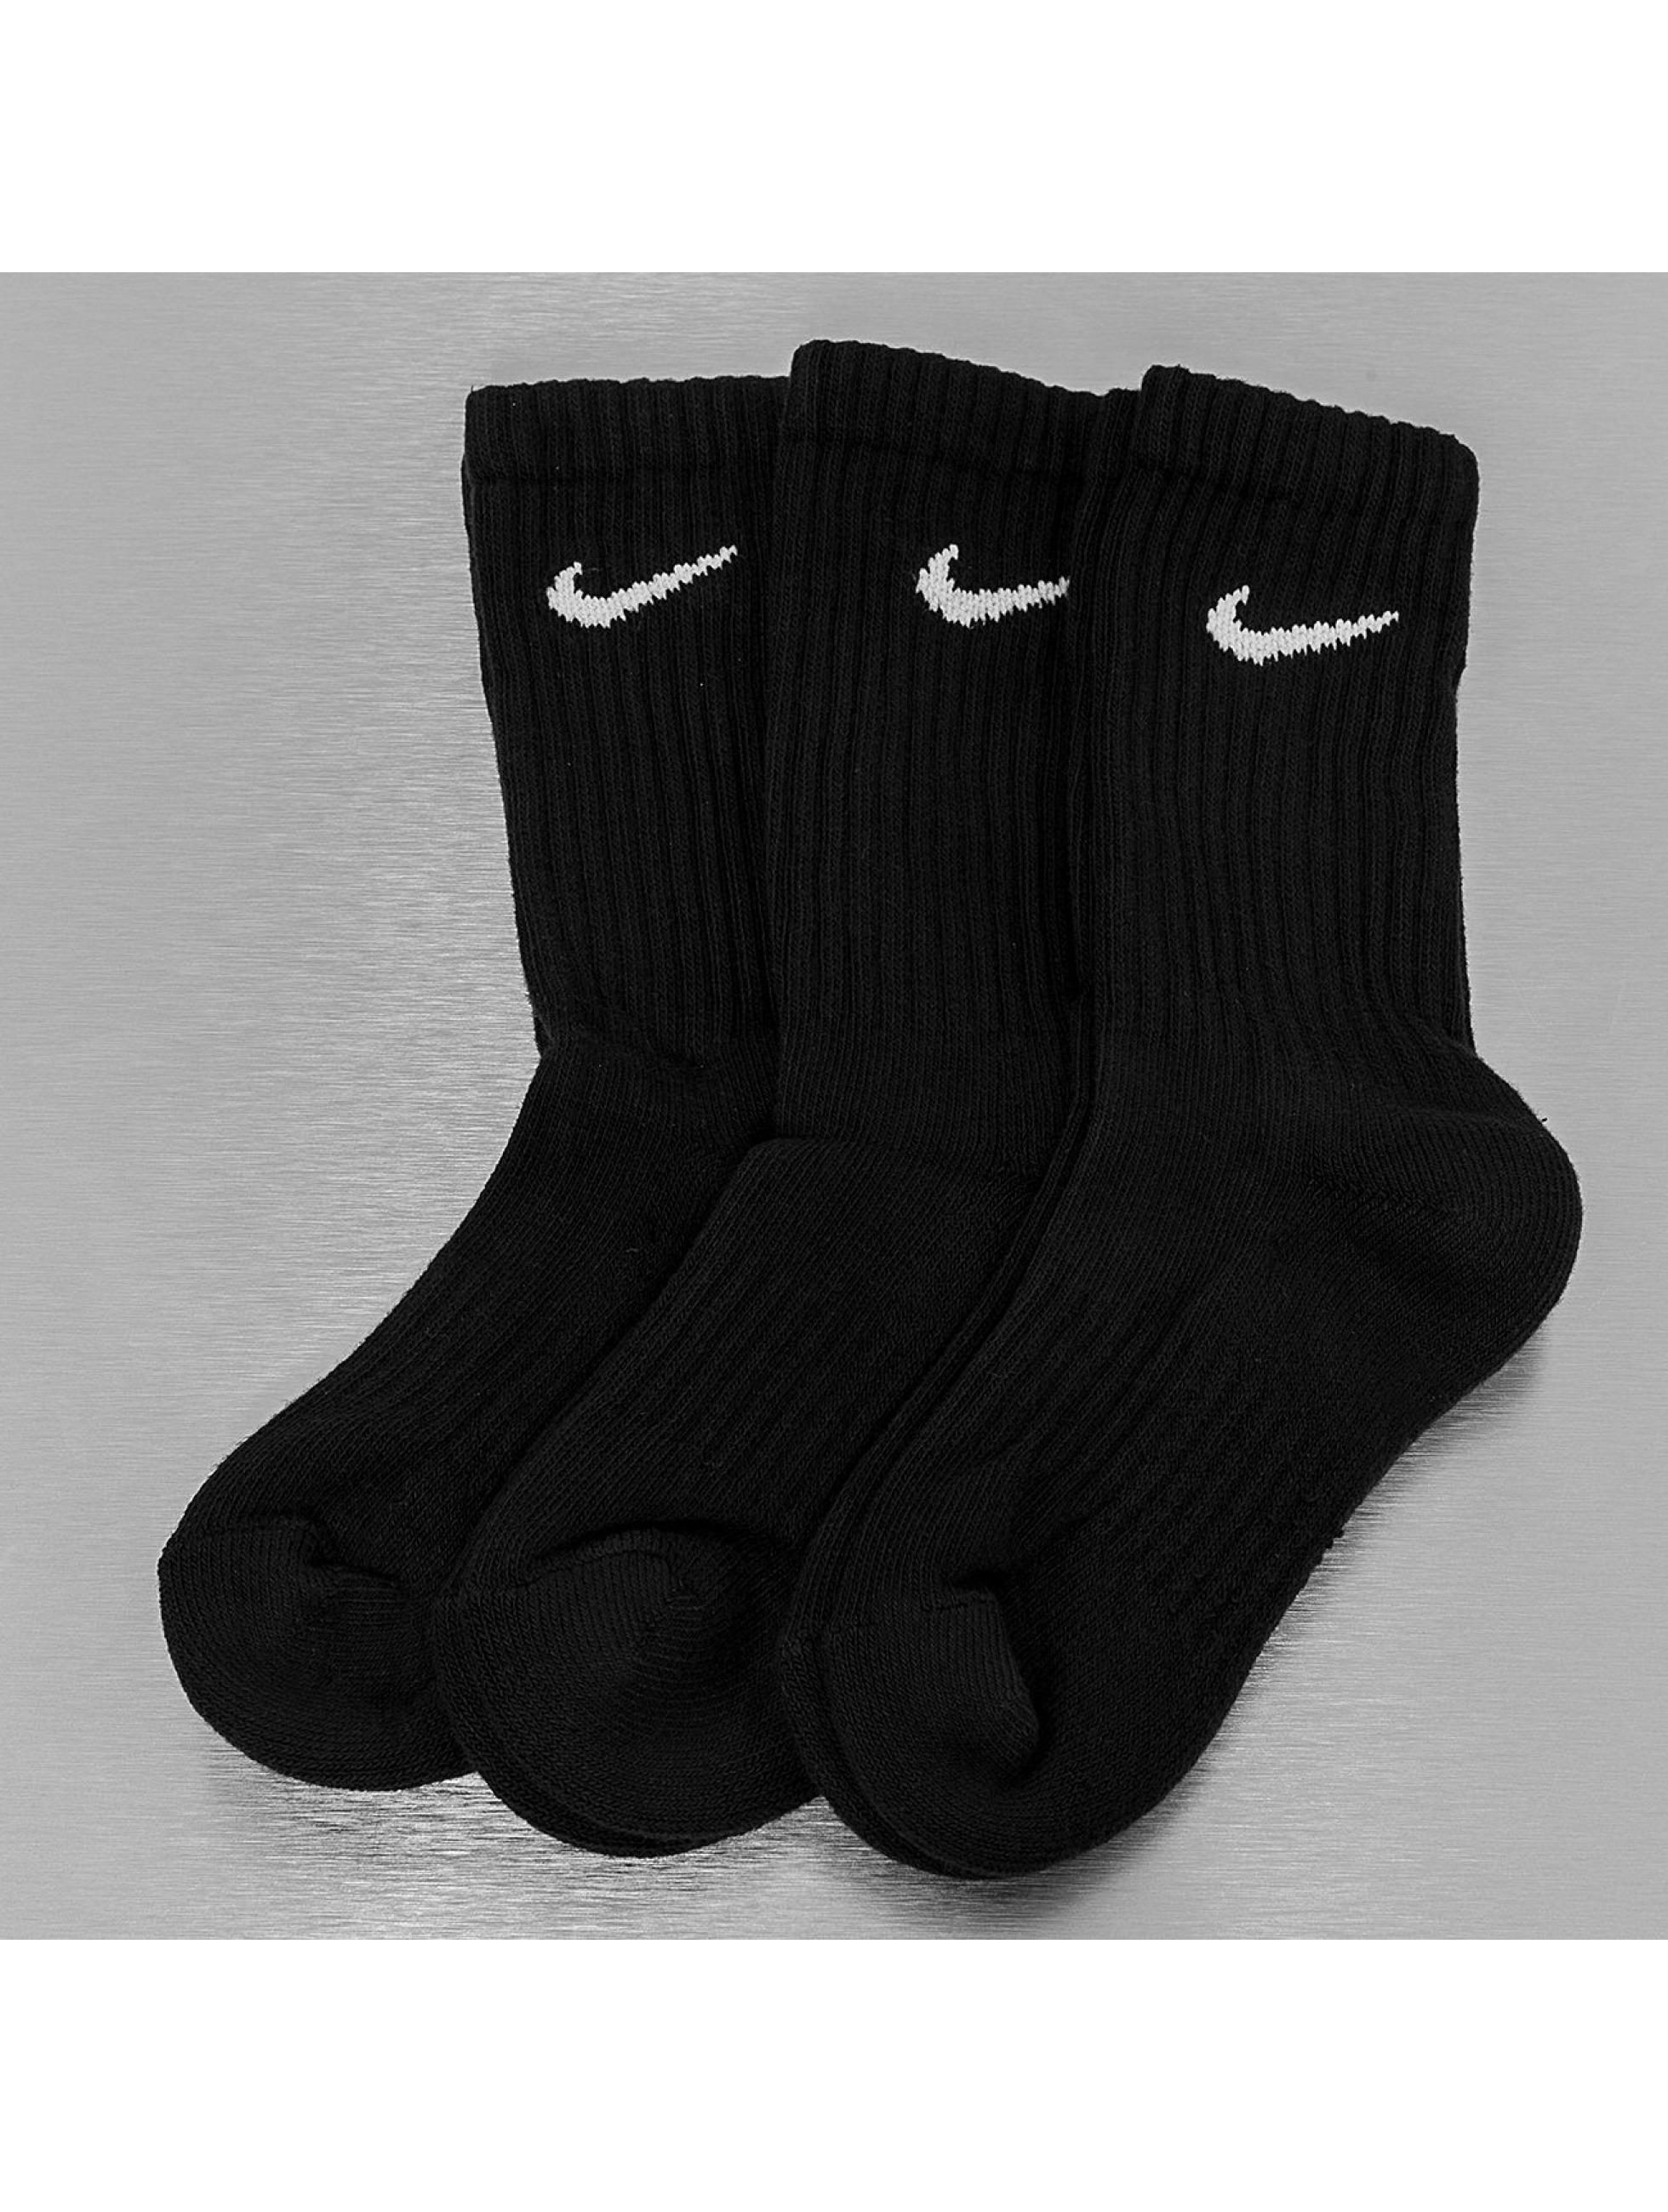 Nike Chaussettes Value Cotton Crew noir